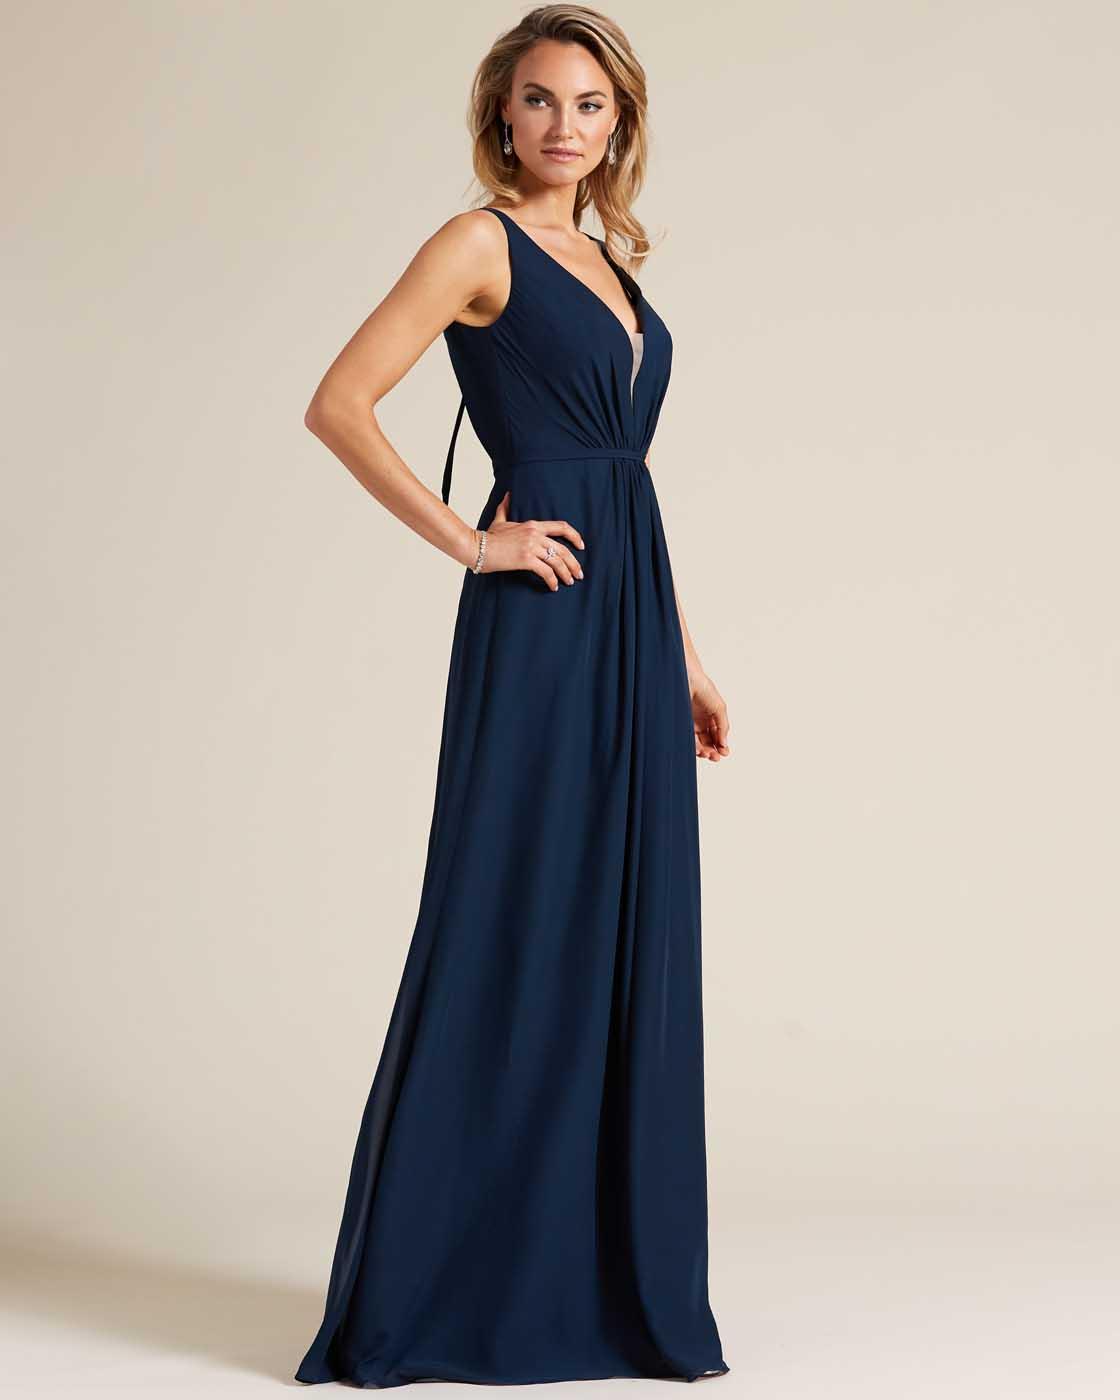 Blue Plunging V Neck Cut Out Dress - Side